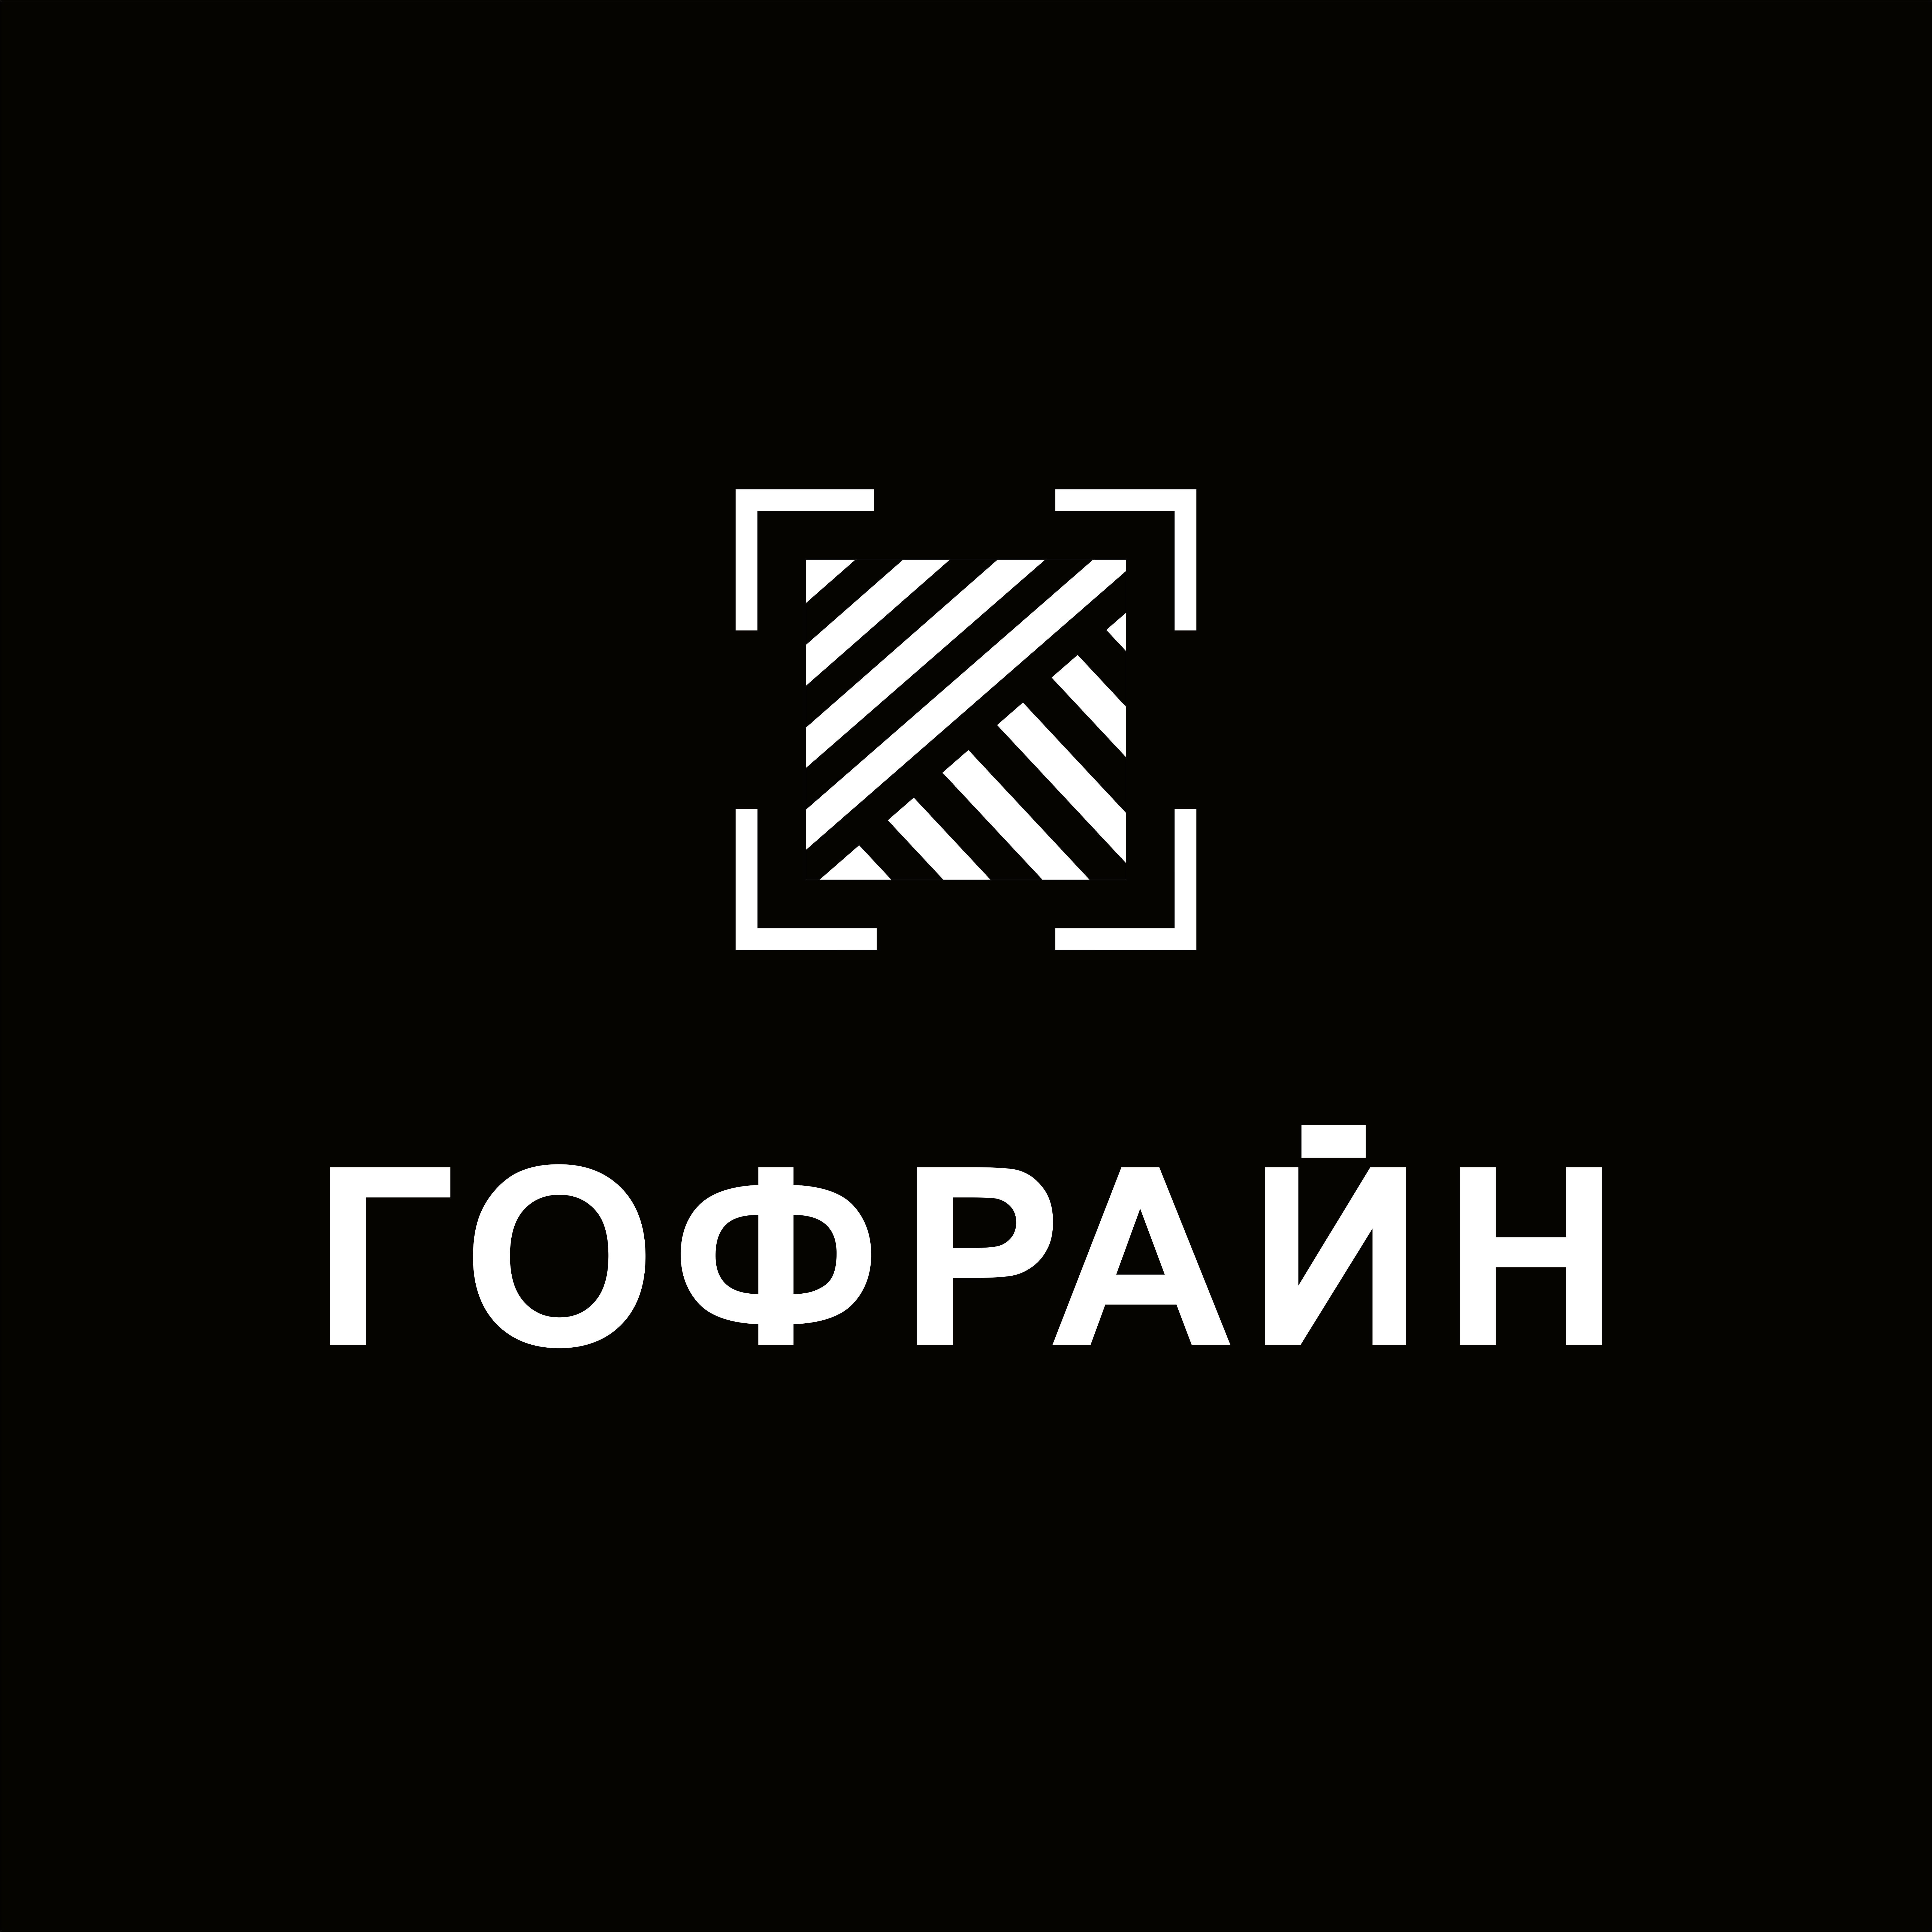 Логотип для компании по реализации упаковки из гофрокартона фото f_9685ce191f250a3b.jpg